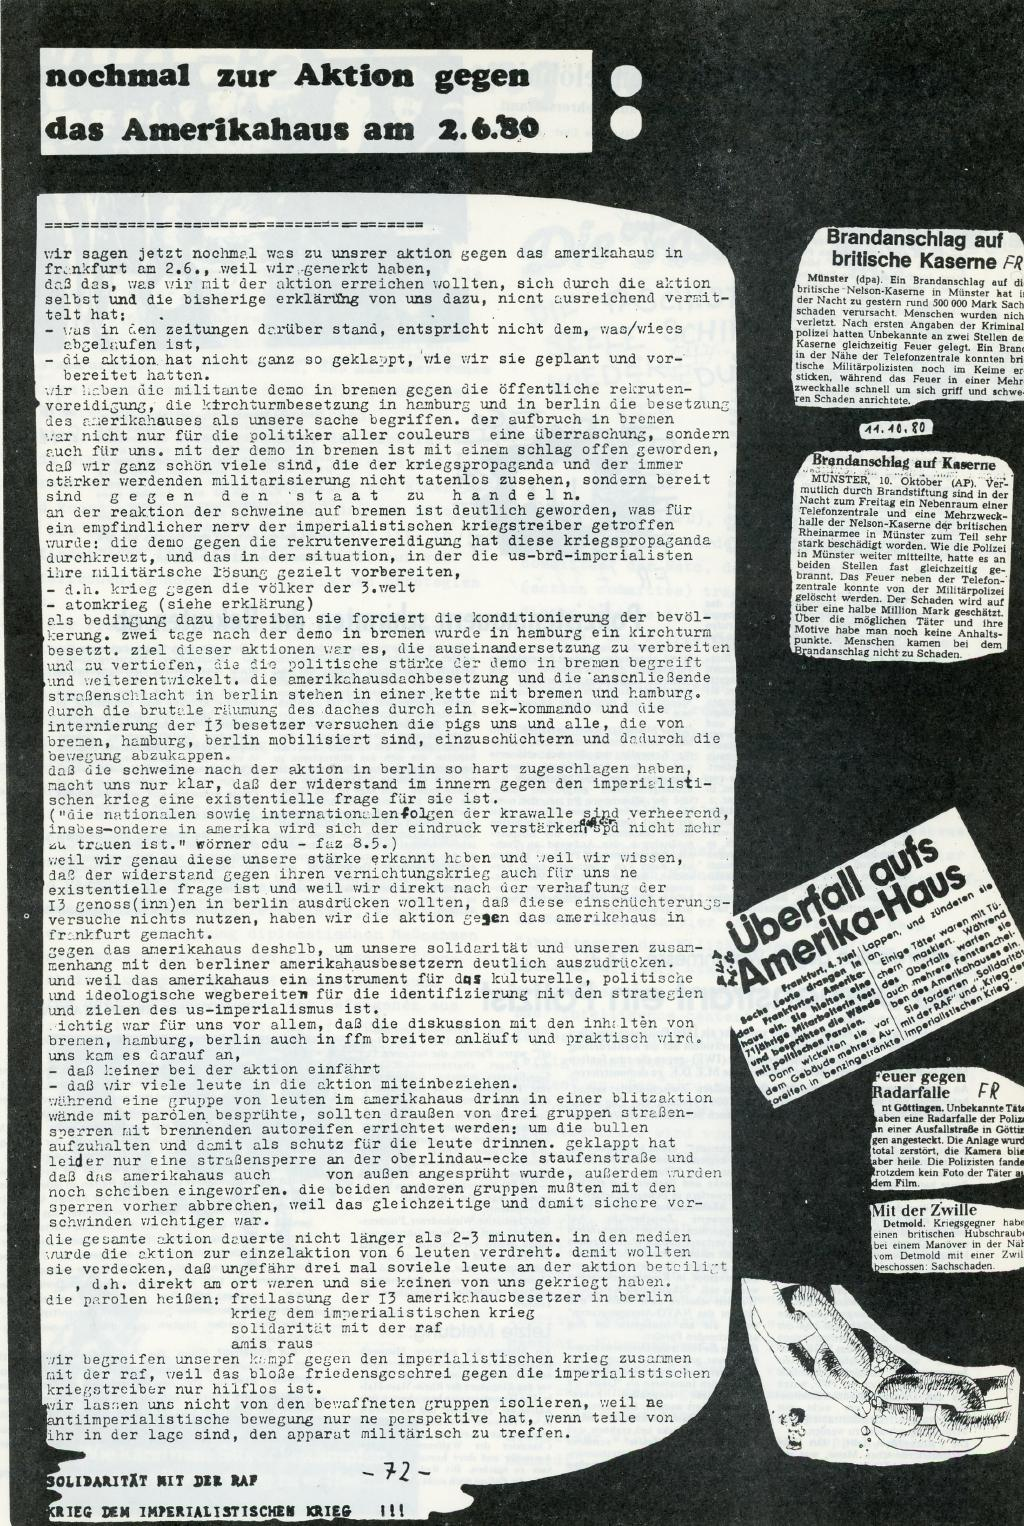 Bremen_1980_NATO_Broschuere_72